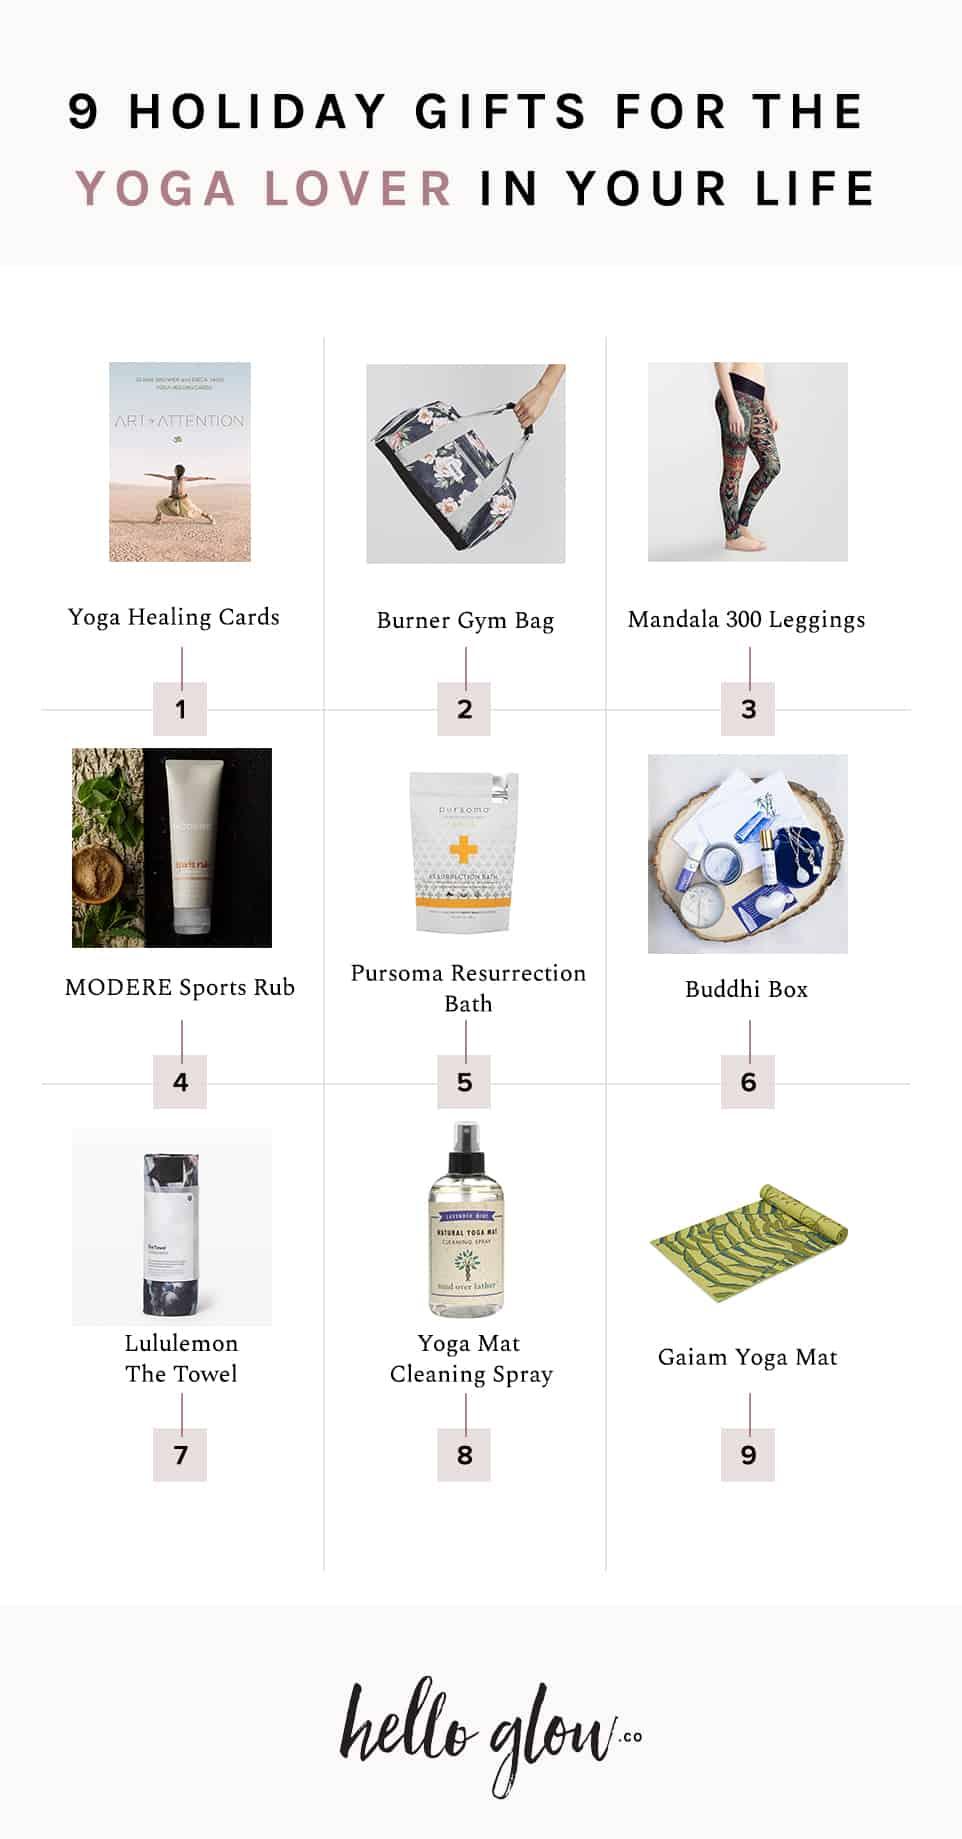 9 Hadiah Liburan untuk Pencinta Yoga dalam Hidup Anda - HelloGlow.co